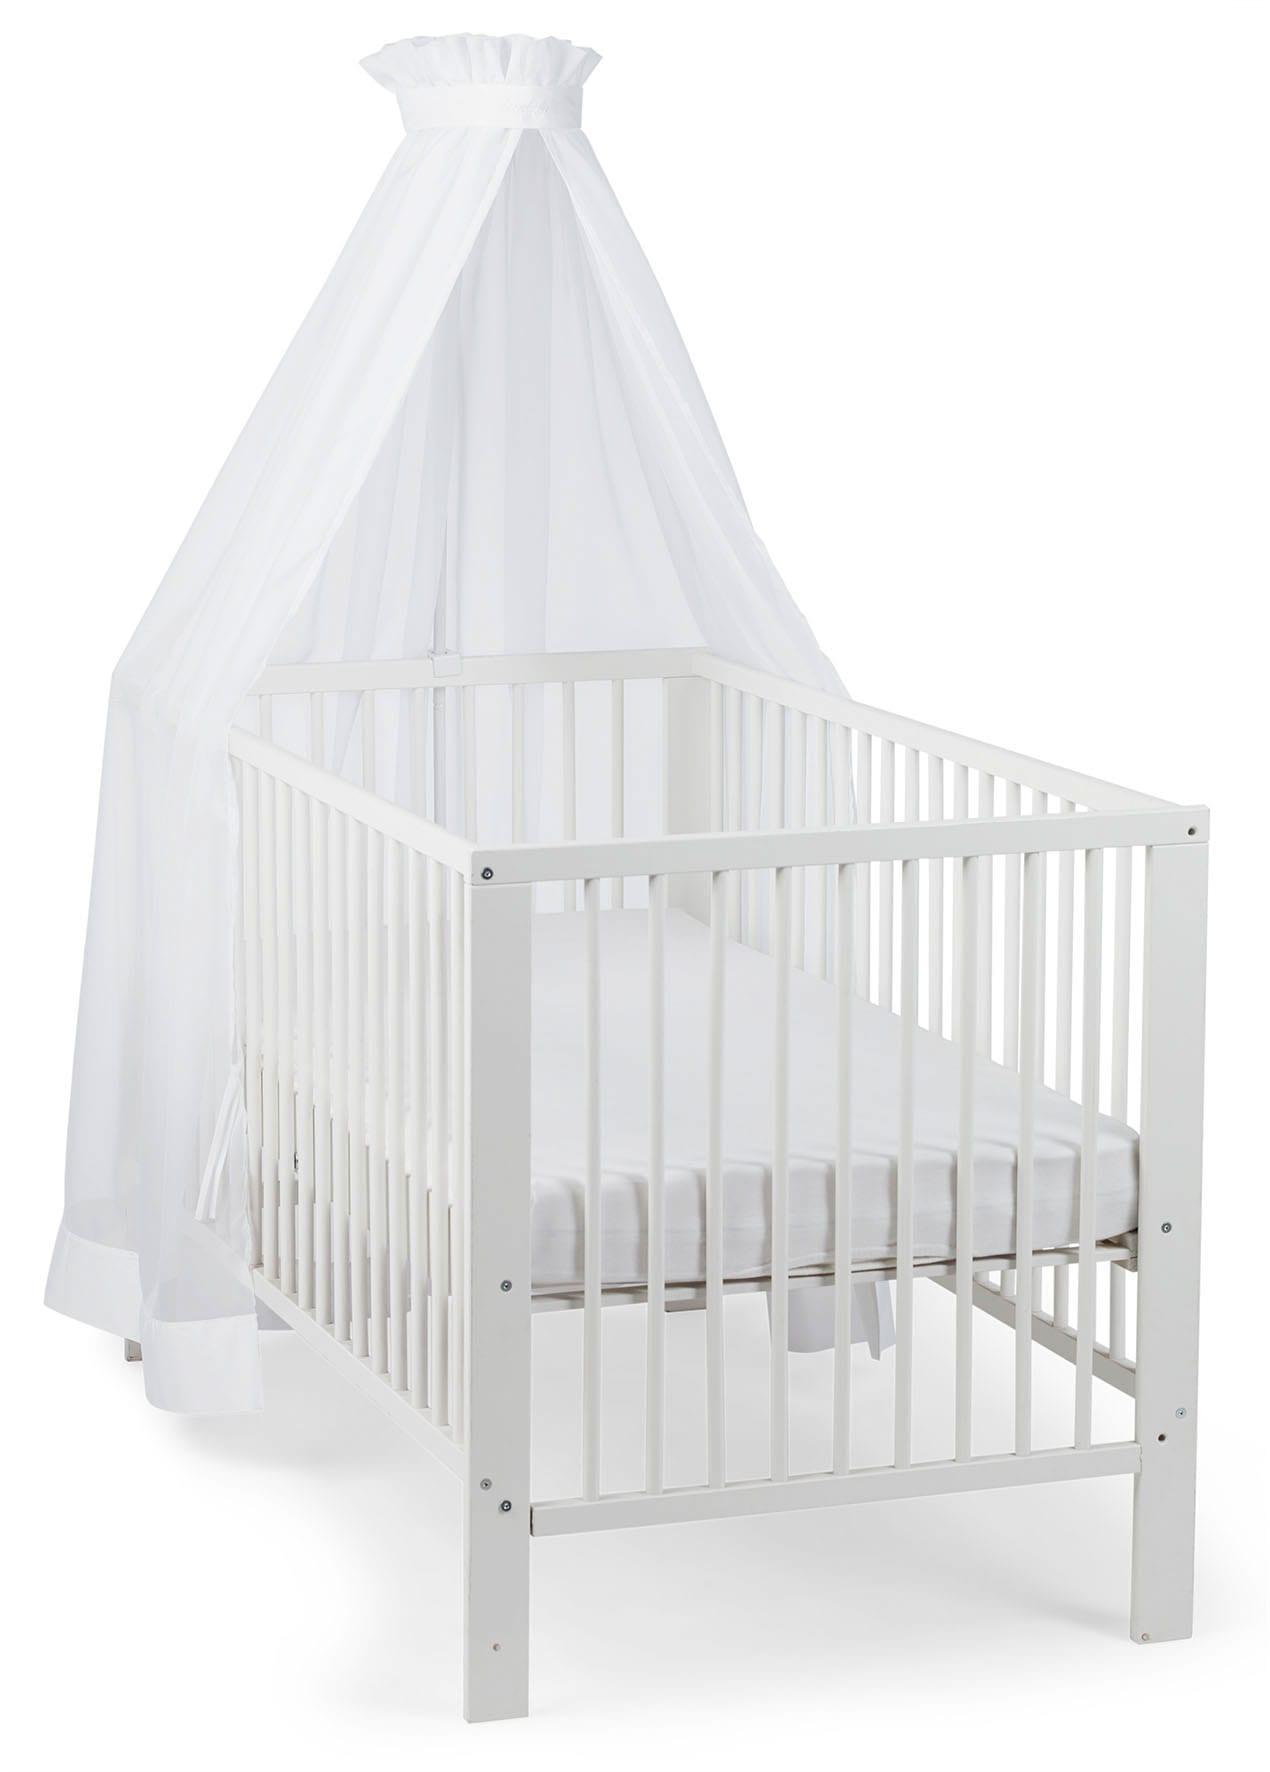 """Sterntaler Betthimmel """"weiß für Kinderbett"""" Wohnen/Möbel/Babymöbel/Babybettausstattung/Betthimmel"""